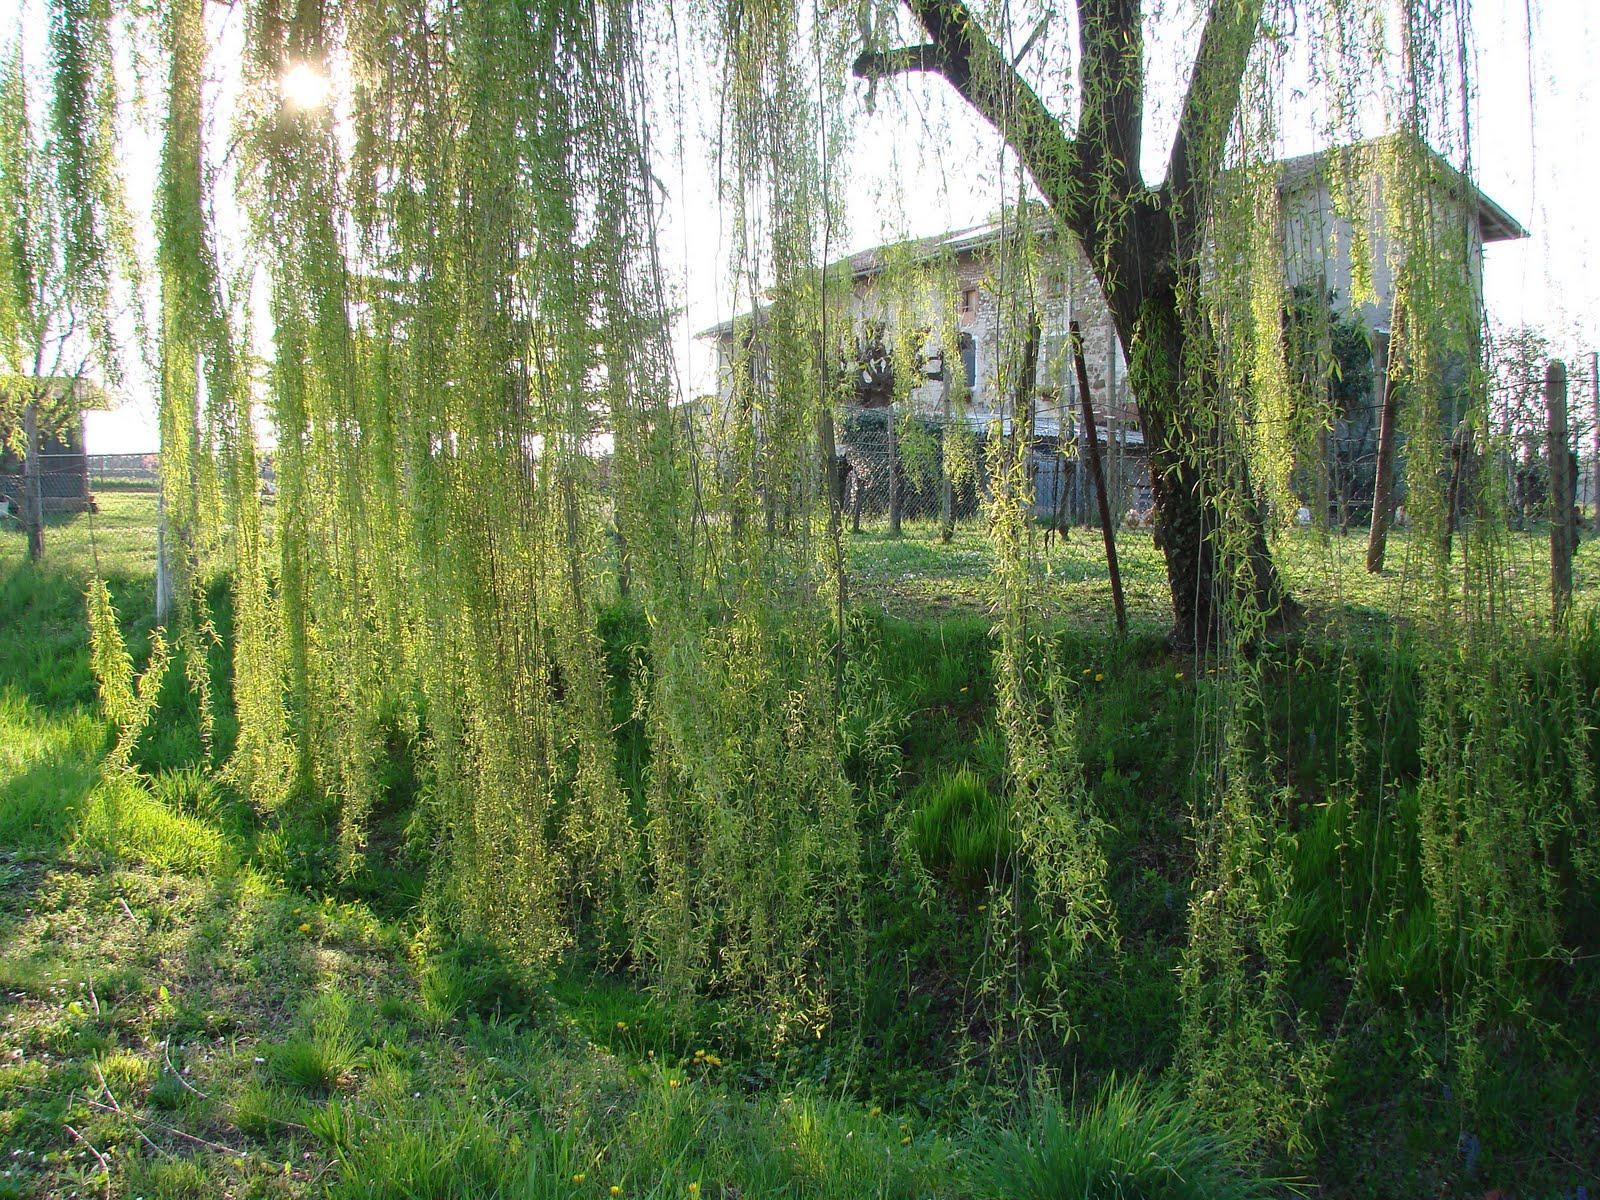 Yushui flowers siamo come lacrime tribali sopra i rami di for Rami di salice